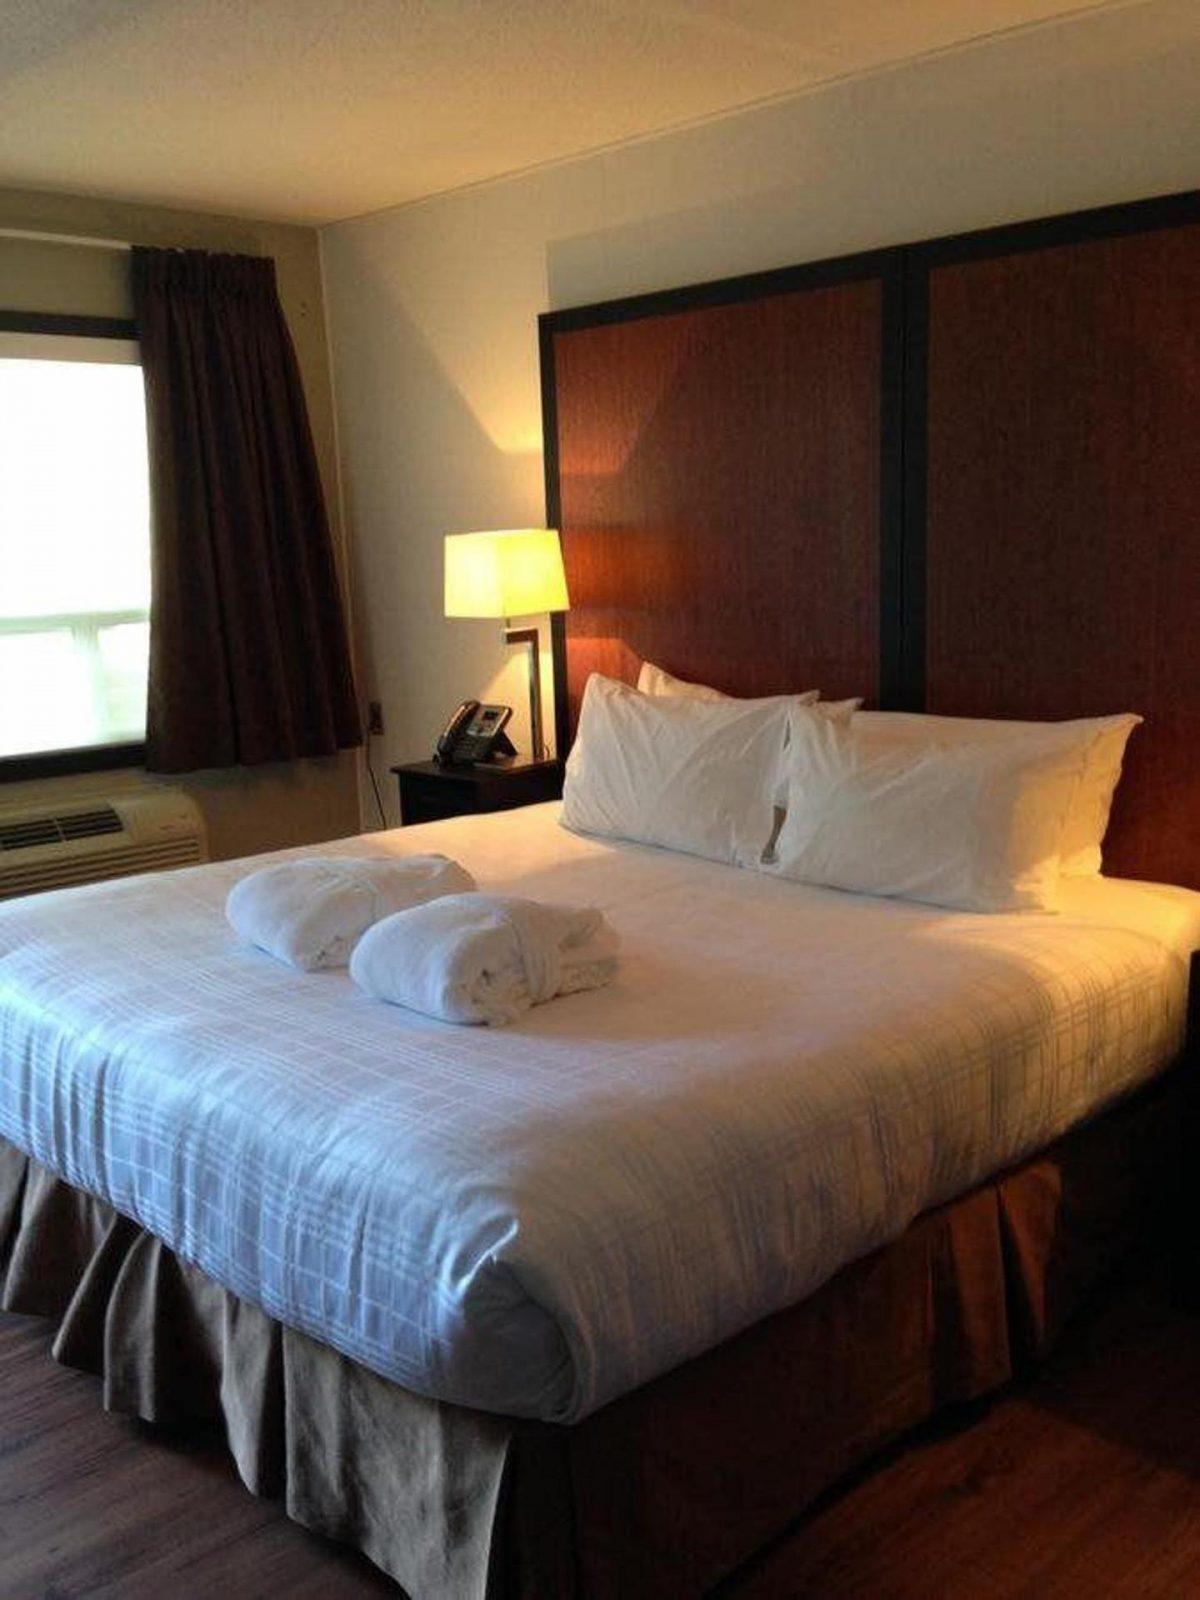 centro-motel-rooms-7